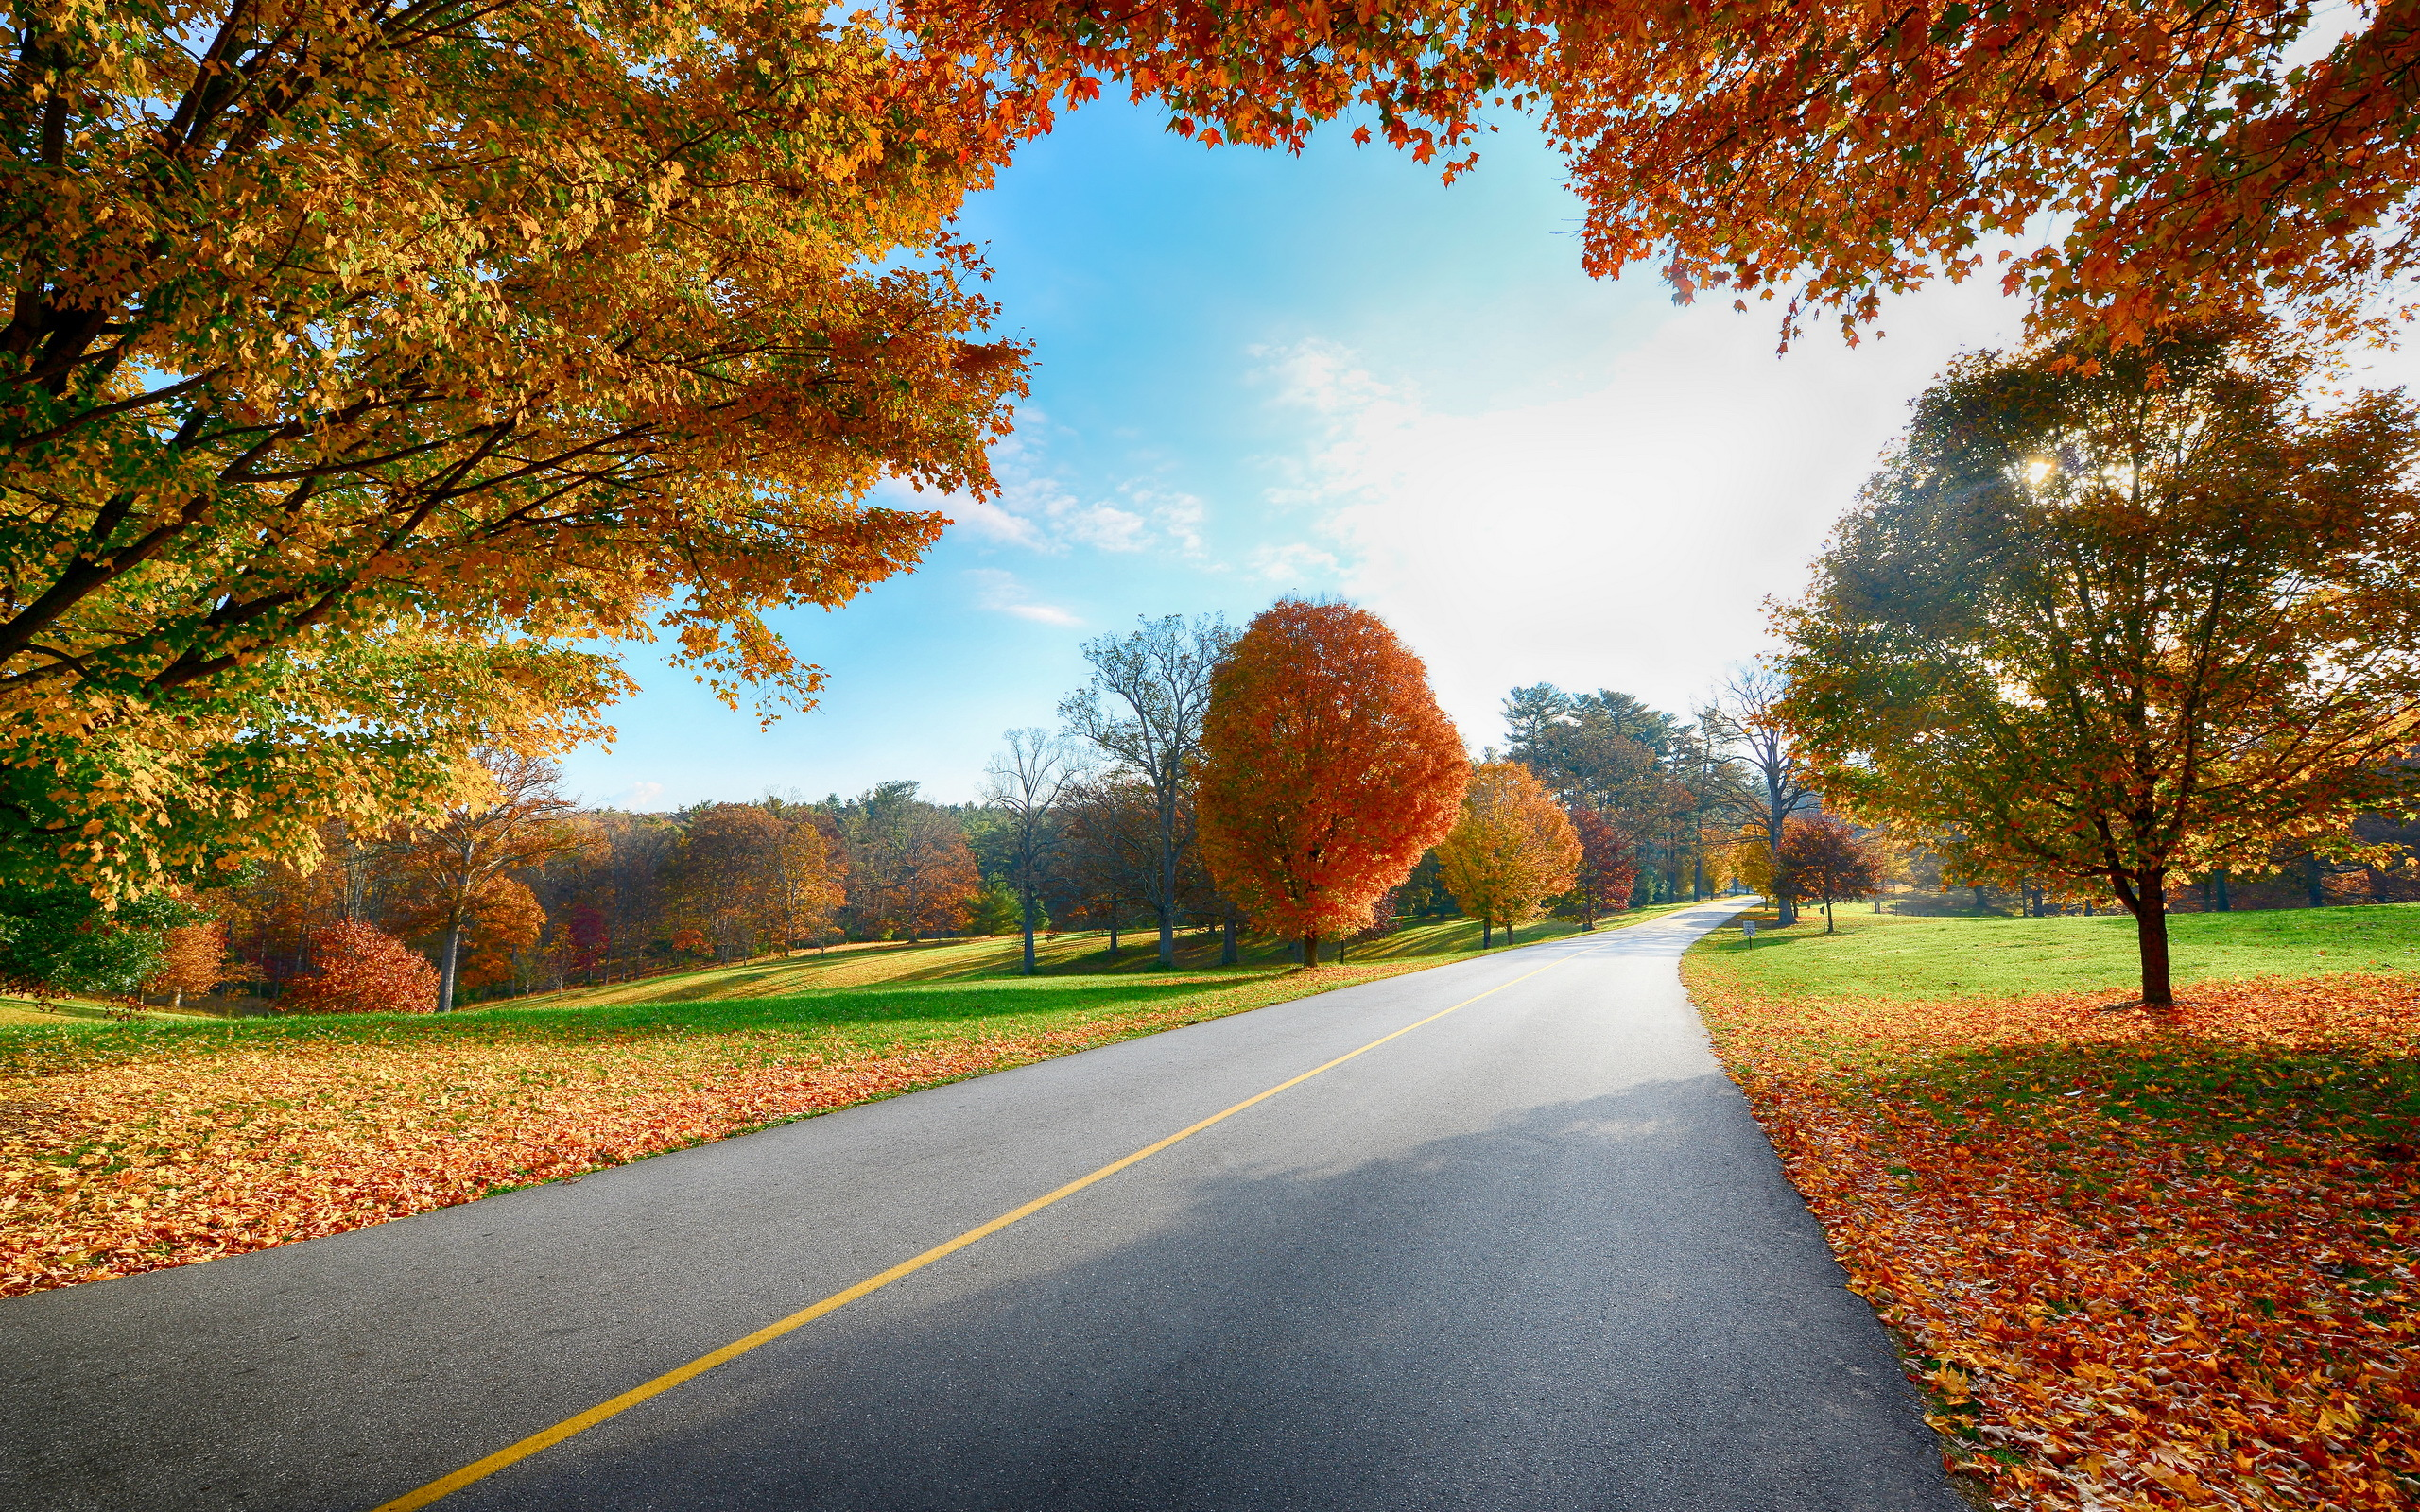 autumn nature road